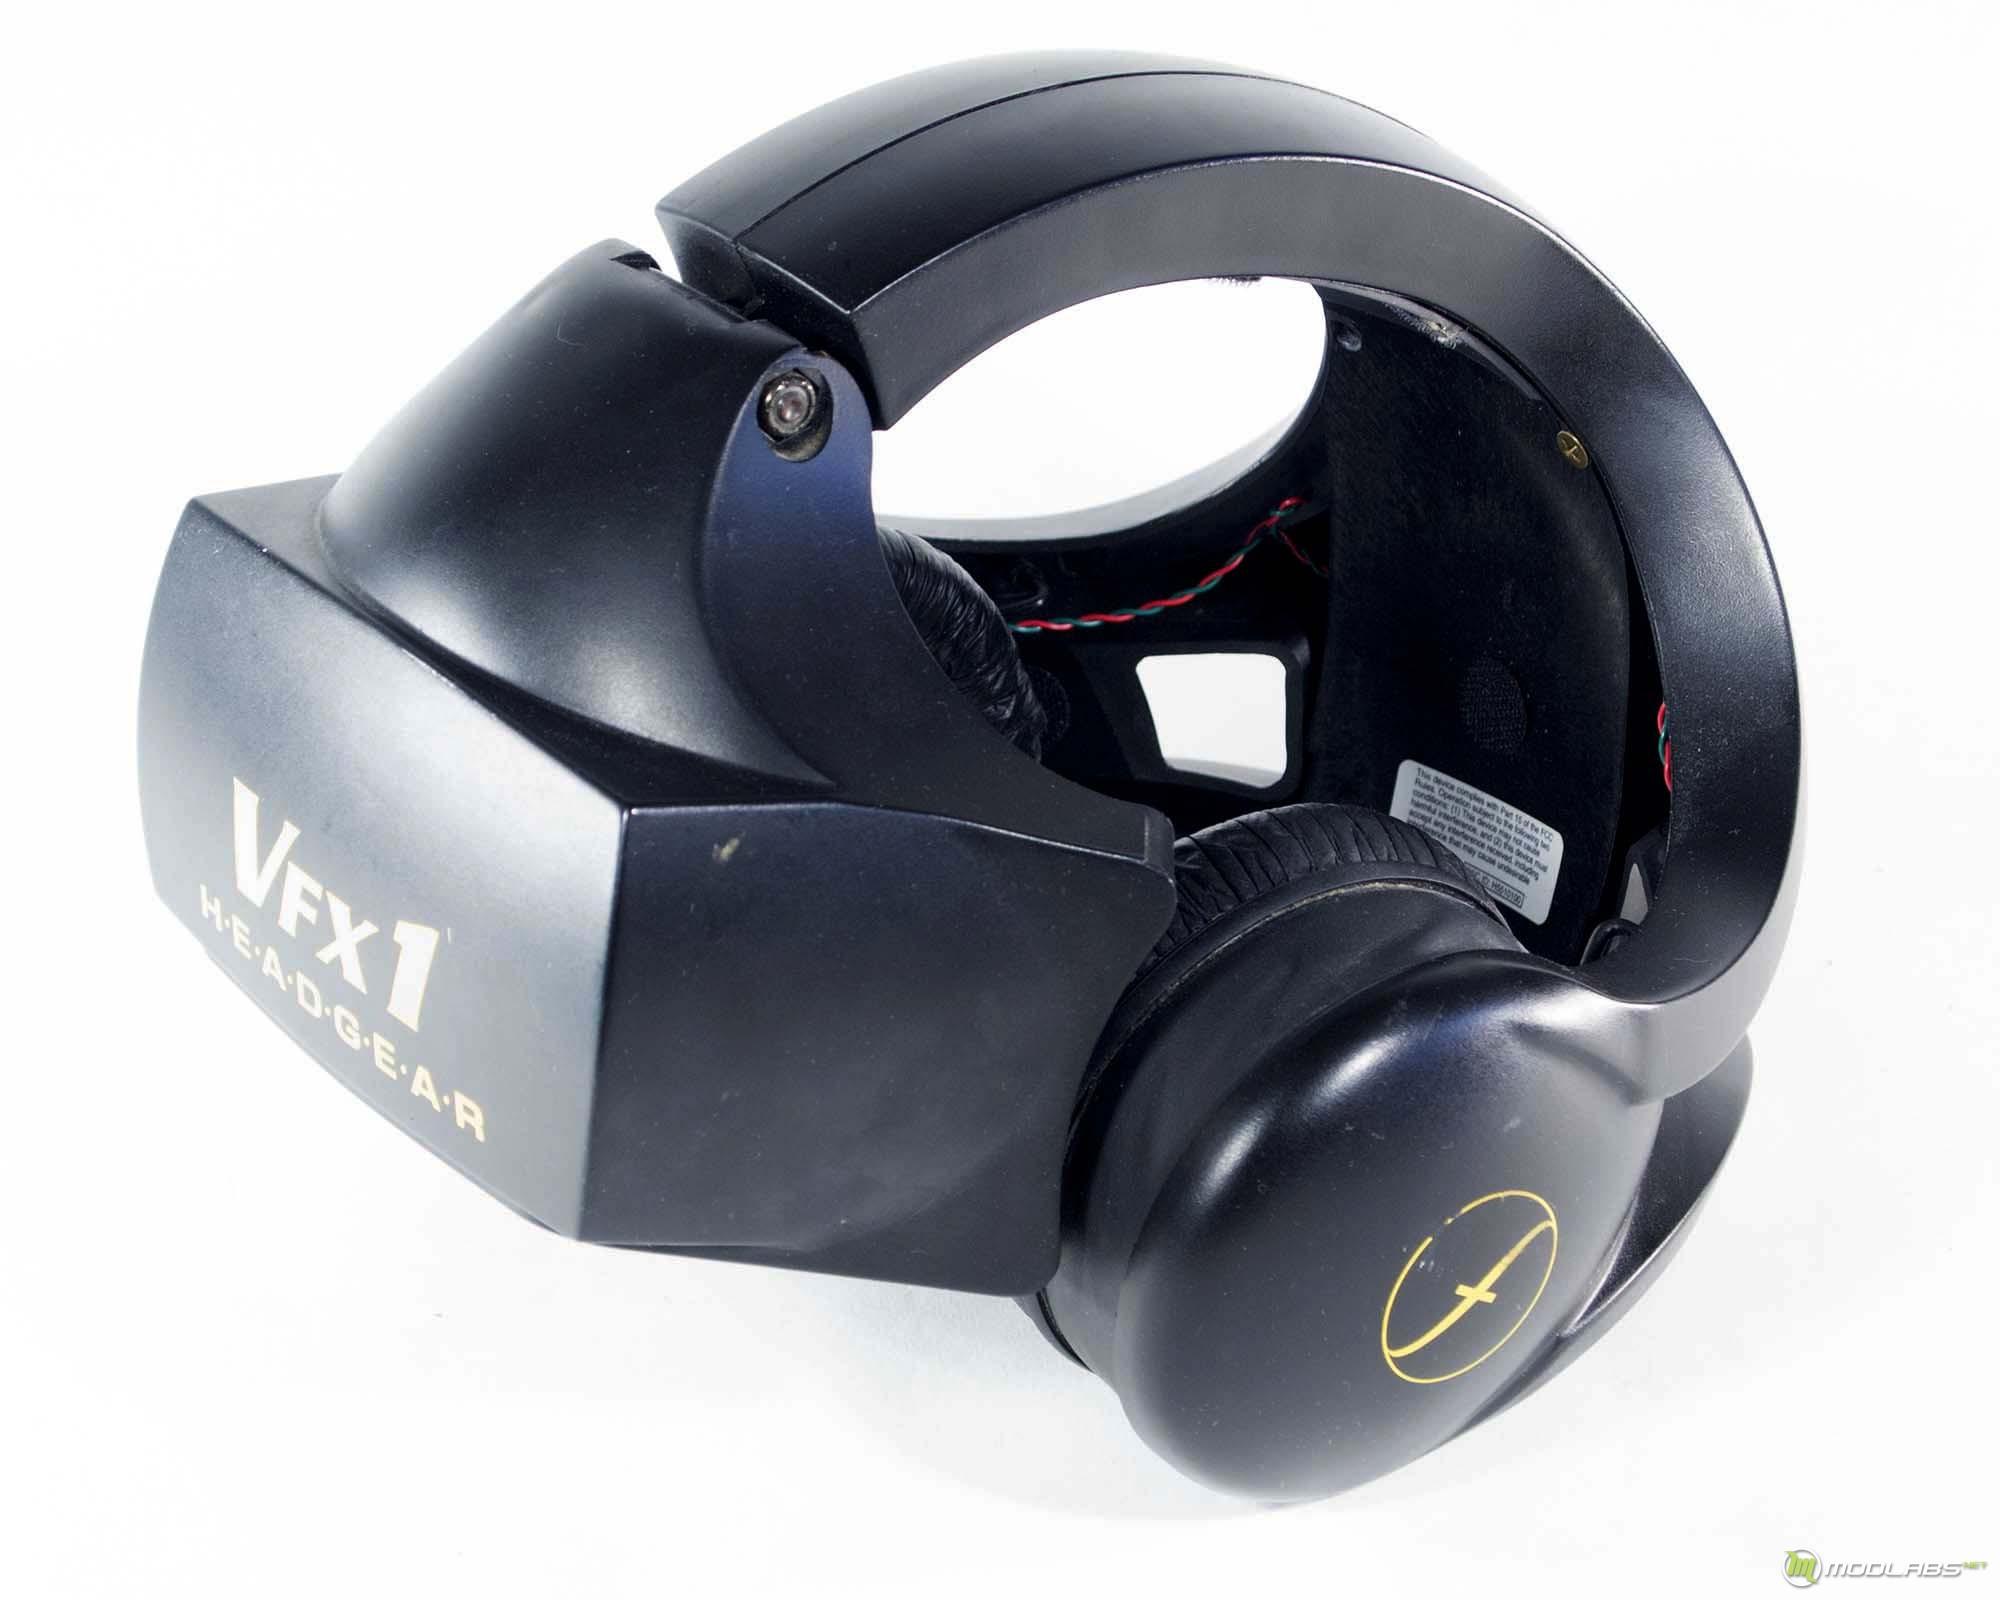 Виртуальная реальность шлем очки виртуальной куплю купить очки гуглес на ебей в черкесск